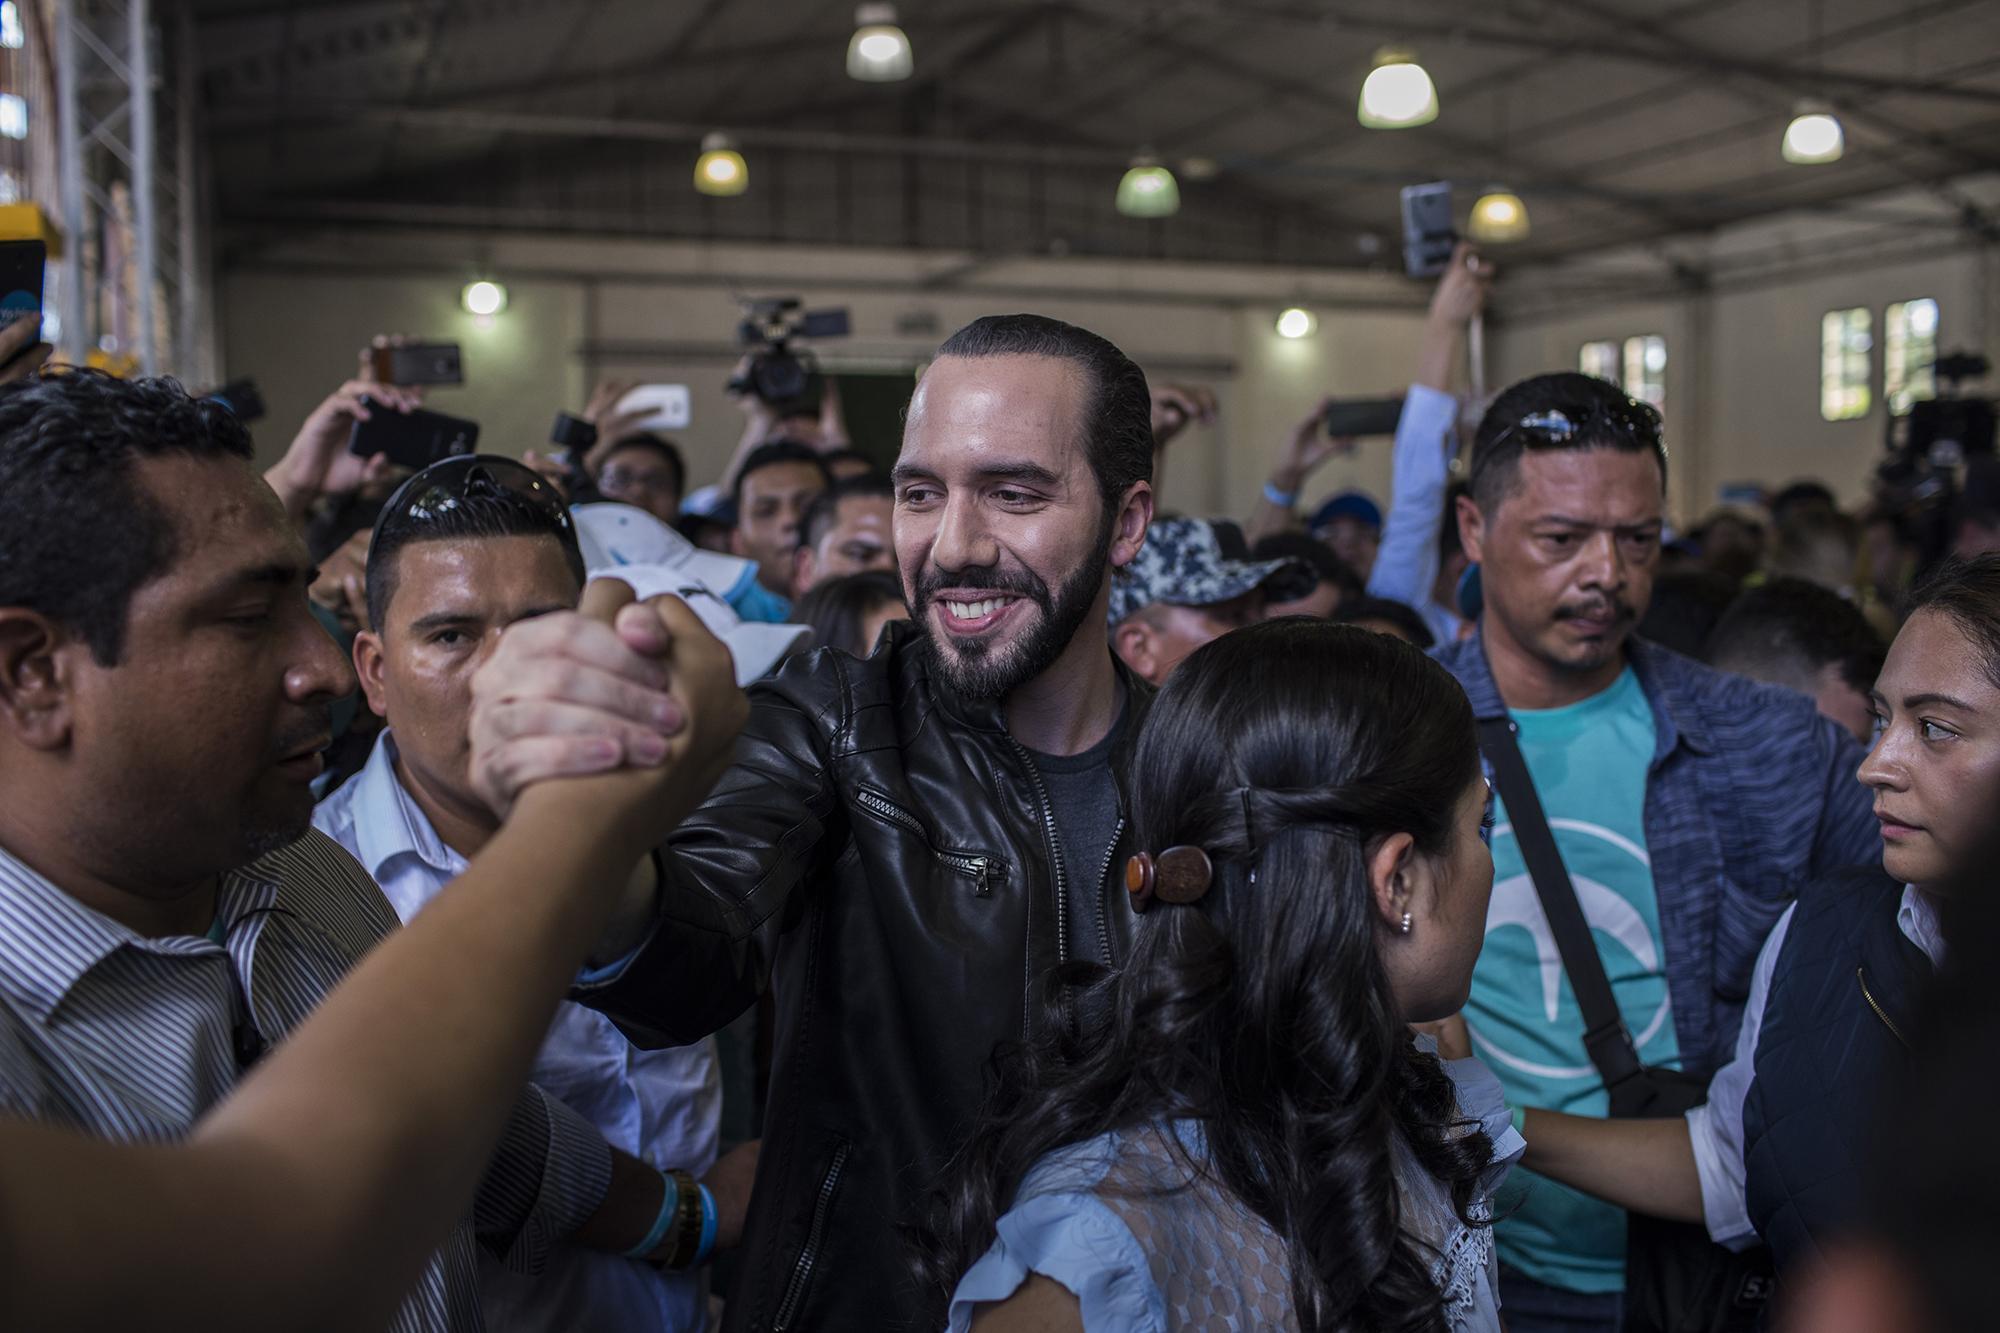 Nayib Bukele, presidente electo de El Salvador, en las elecciones del 3 de febrero, a su llegada al Centro de Ferias y Convenciones (Cifco), en San Salvador, para ejercer su voto. Foto: Víctor Peña.